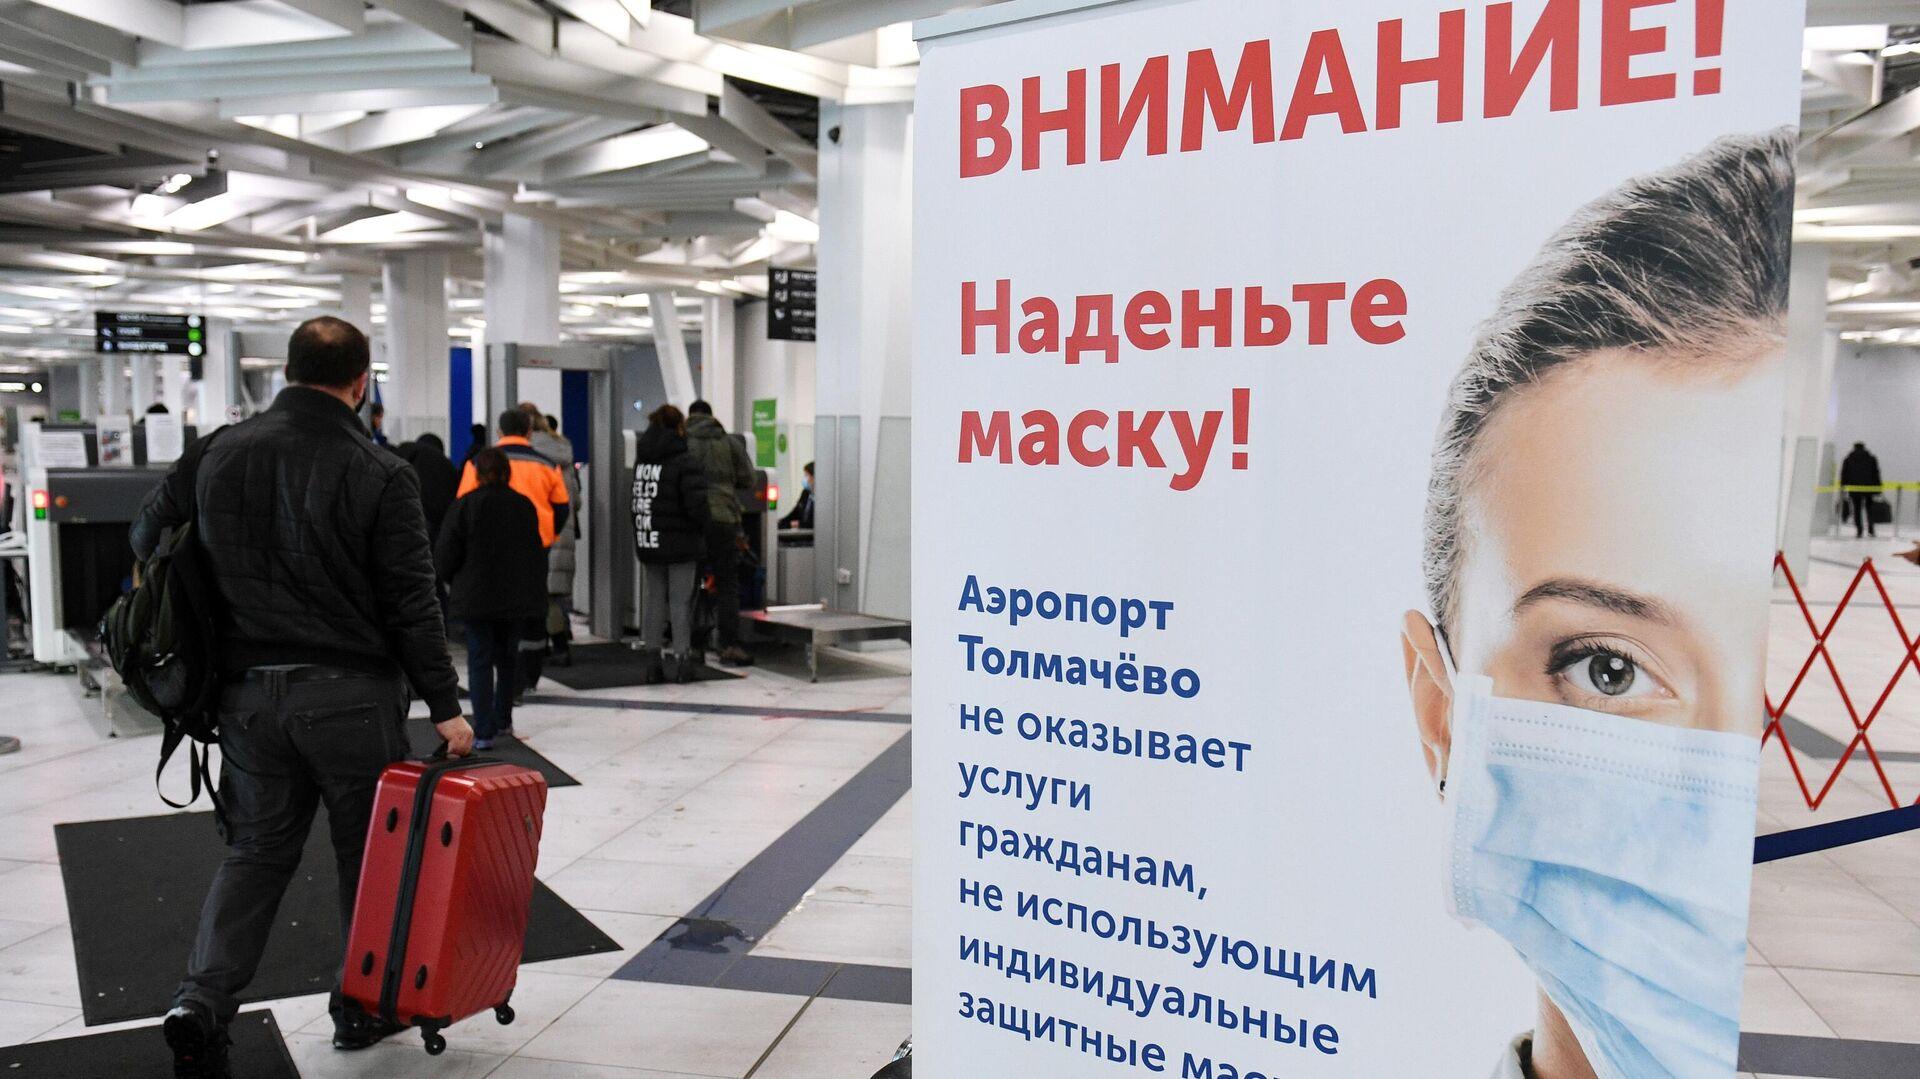 Плакат с надписью Внимание! Наденьте маску! в международном аэропорту Толмачёво в Новосибирске - РИА Новости, 1920, 24.12.2020